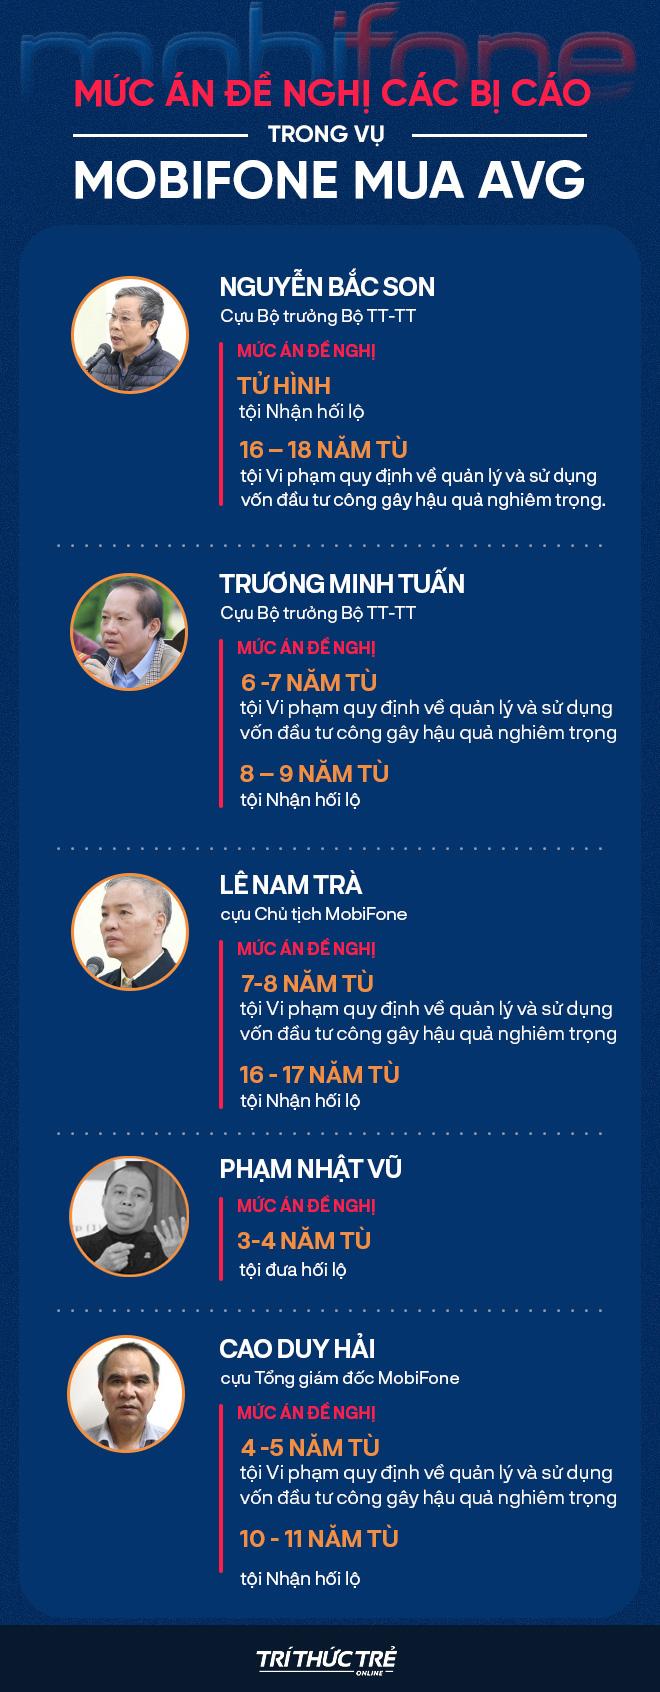 Chưa nộp lại 3 triệu USD, VKS đánh giá cựu Bộ trưởng Bộ TT-TT Nguyễn Bắc Son chưa ăn năn hối lỗi - Ảnh 2.